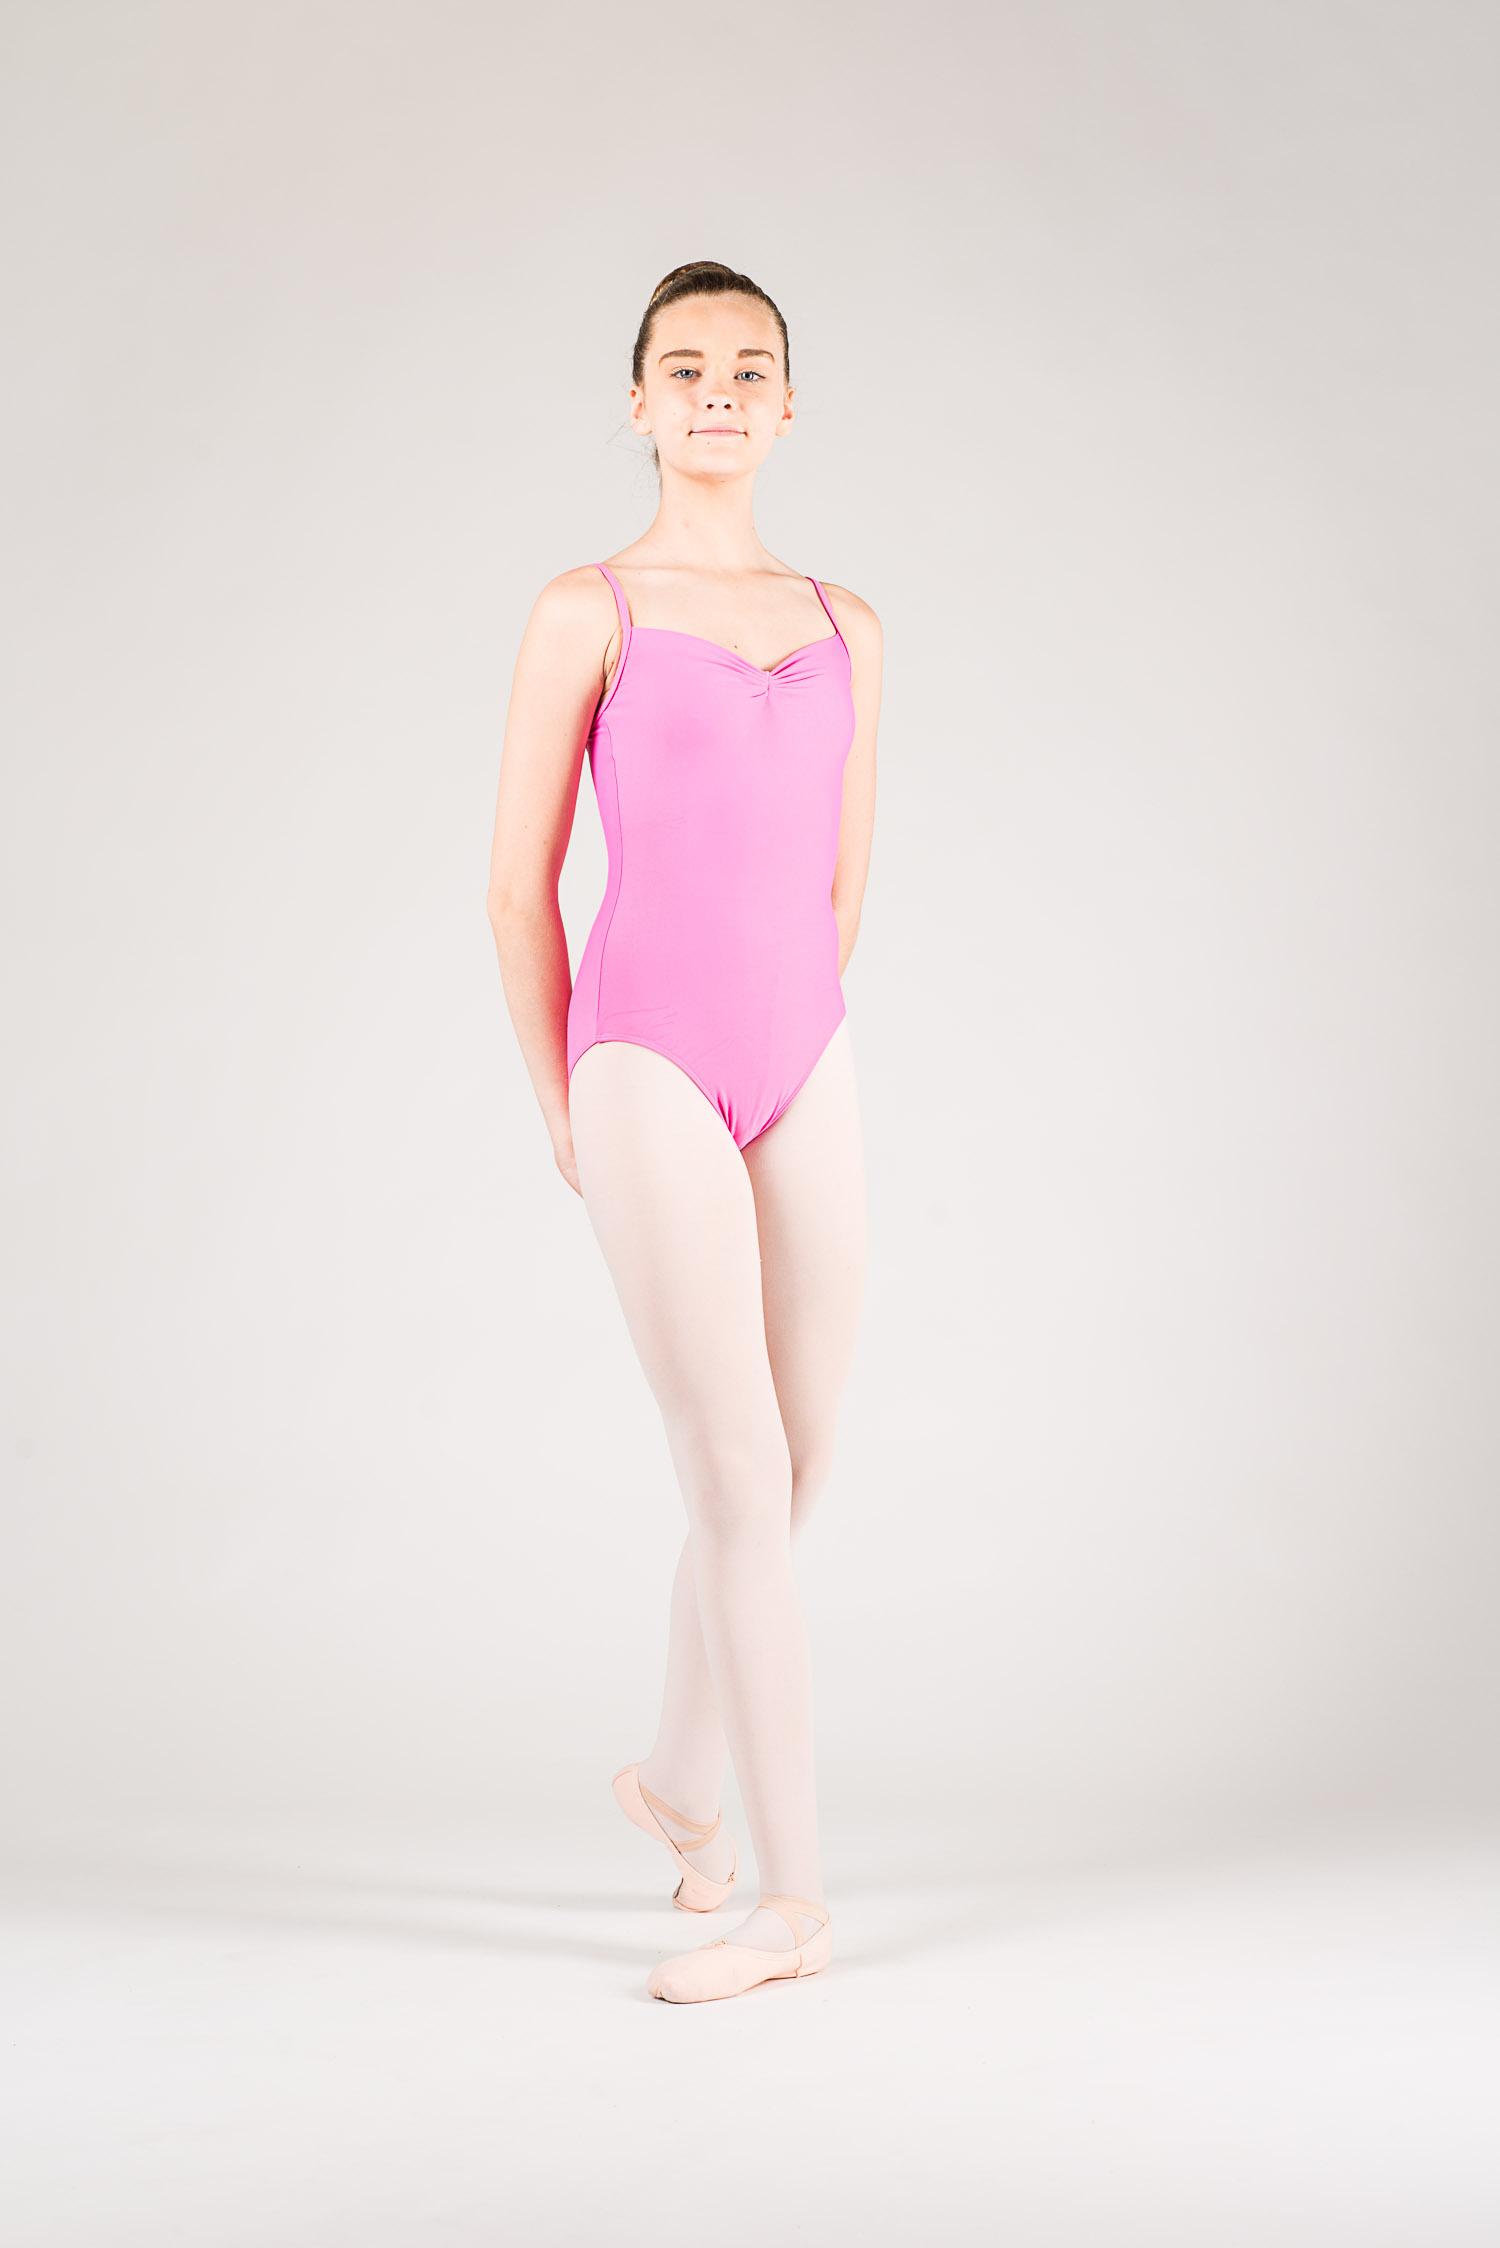 e169433a2 Wear Moi - leotards for girls - Mademoiselle danse